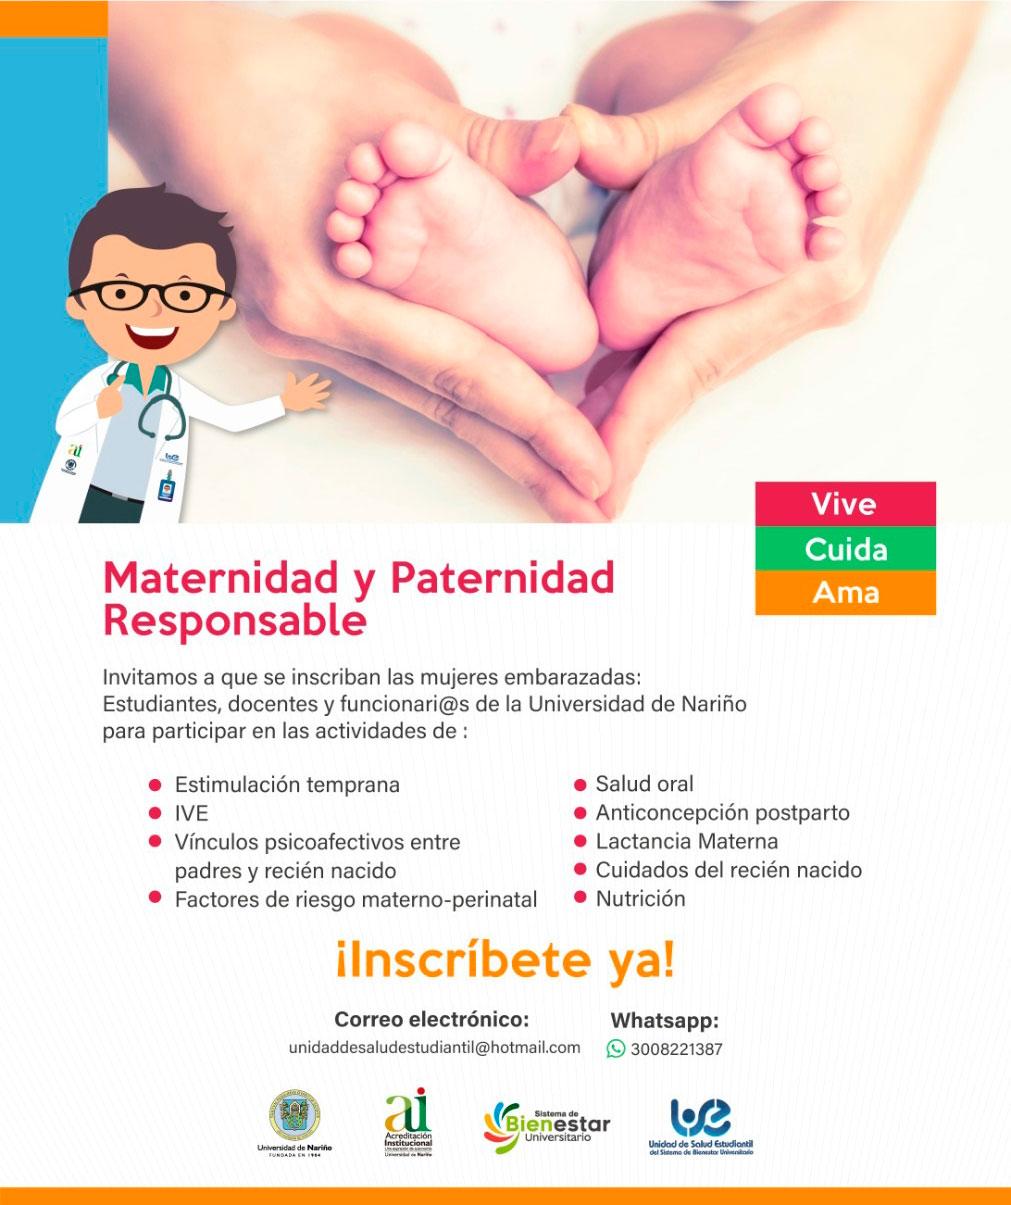 https://periodico.udenar.edu.co/wp-content/uploads/2021/01/maternidad-y-paternidad-responsable.jpg